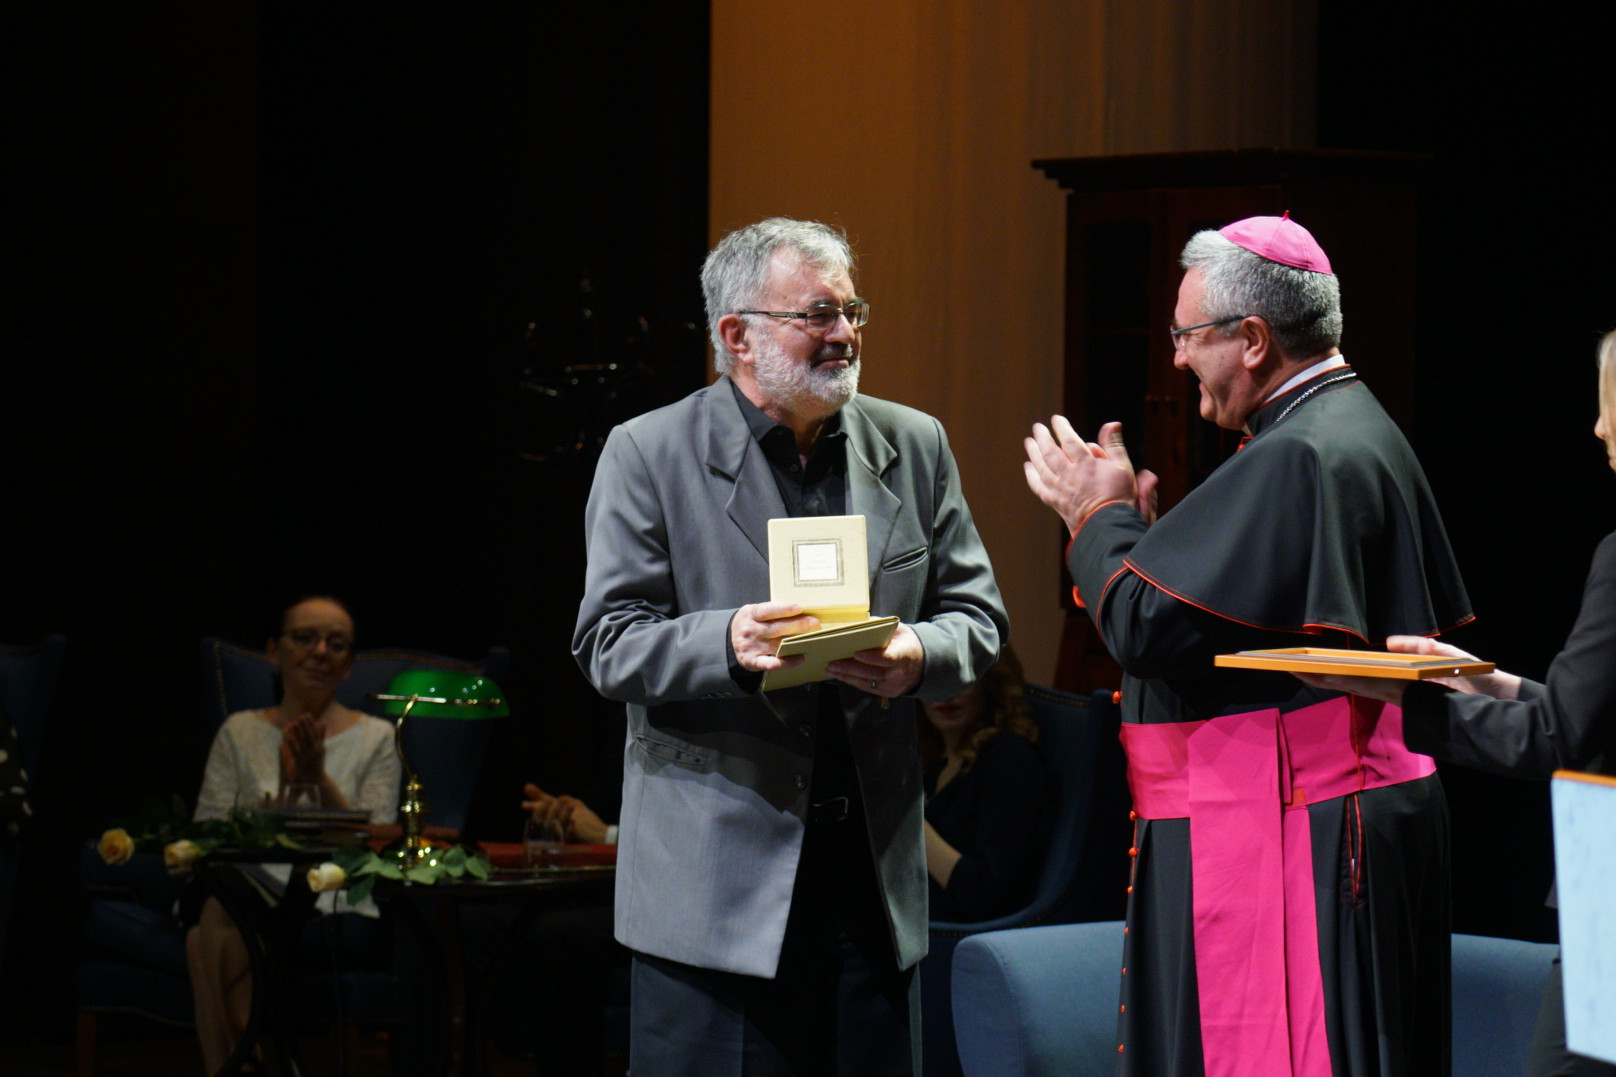 Veres András, a Magyar Katolikus Püspöki Konferencia (MKPK) elnöke átadja a Szent Erzsébet rózsája-díjat John Van Mieghemnek, a Sint-Niklaas-i Technisch Instituut Sint-Carolus tanárának